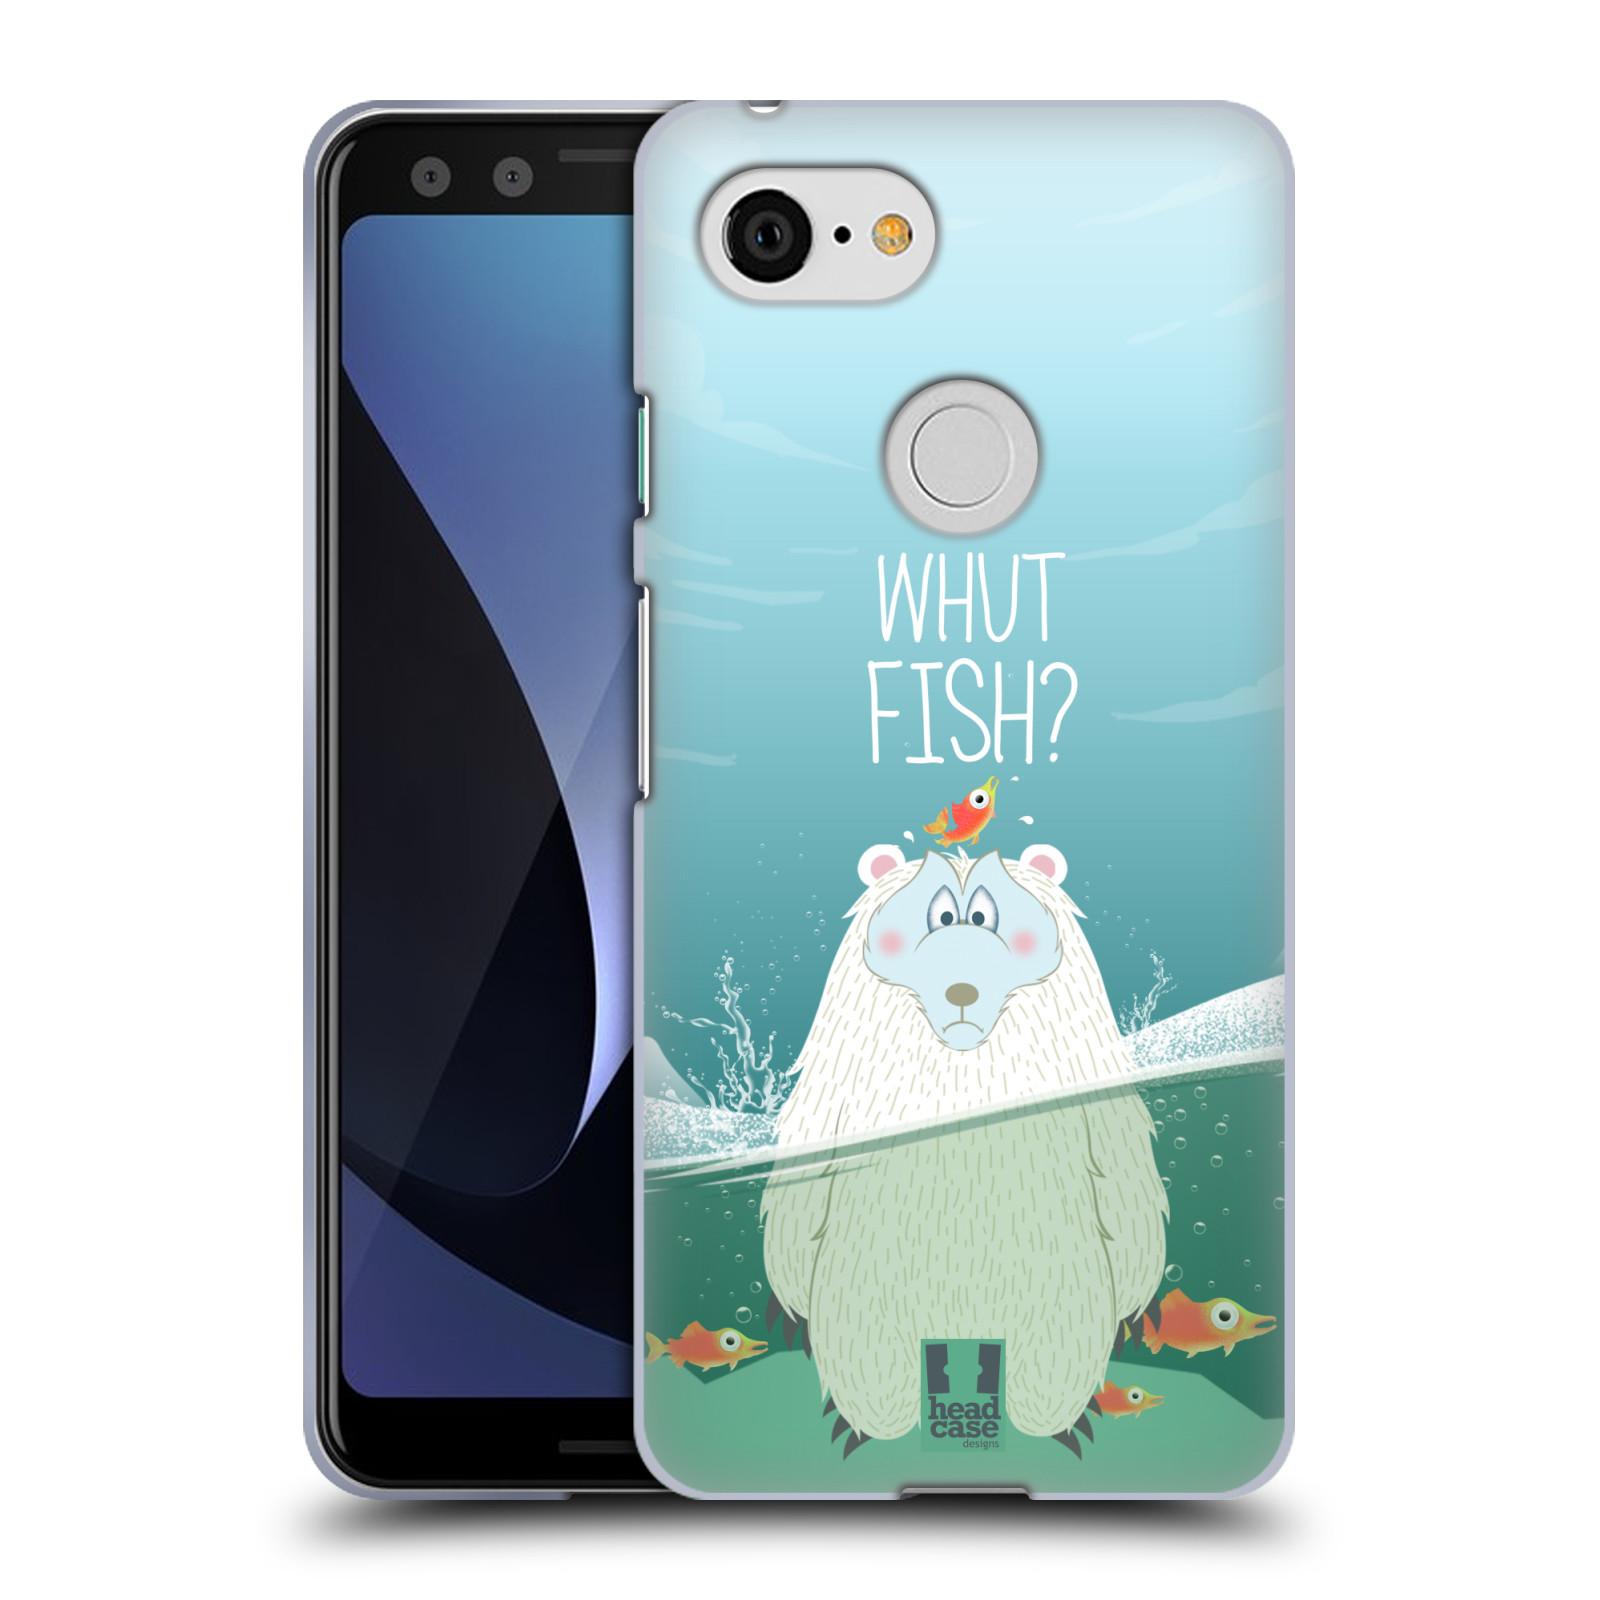 Silikonové pouzdro na mobil Google Pixel 3 - Head Case - Medvěd Whut Fish?